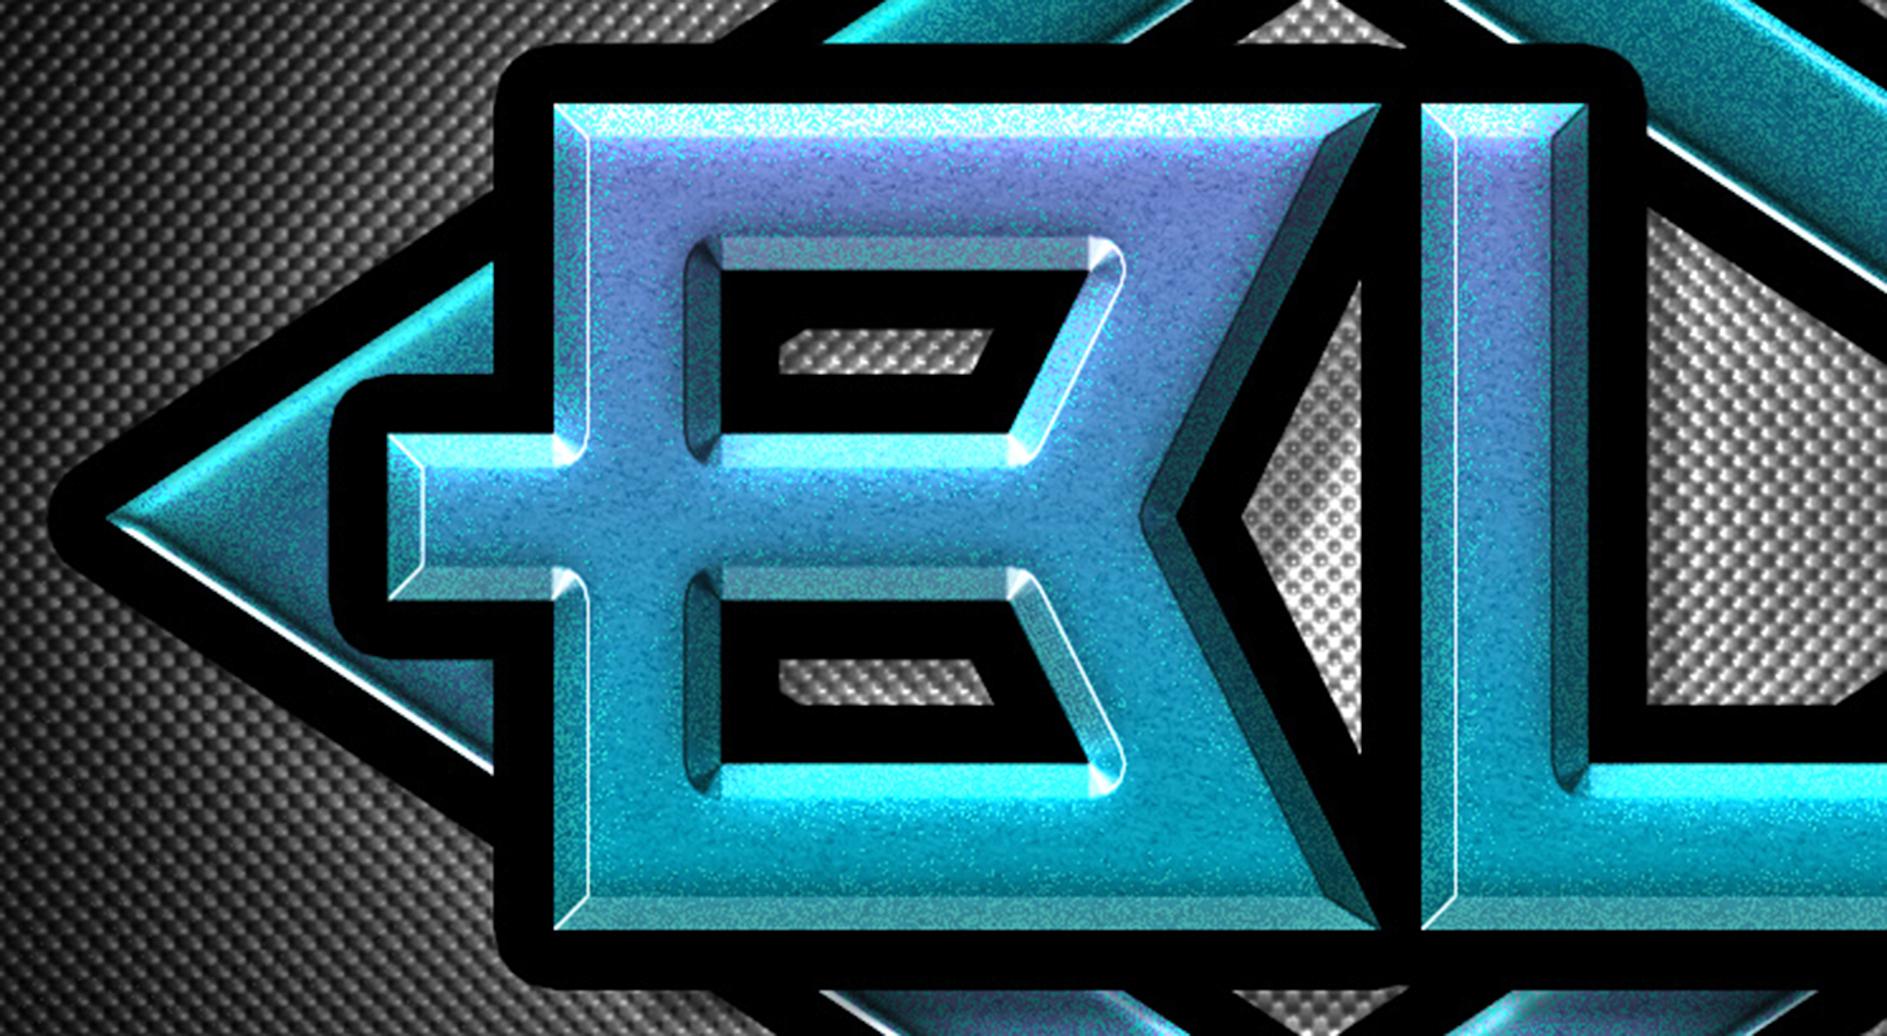 Photoshop logo designs marty geller skillshare for Design lago